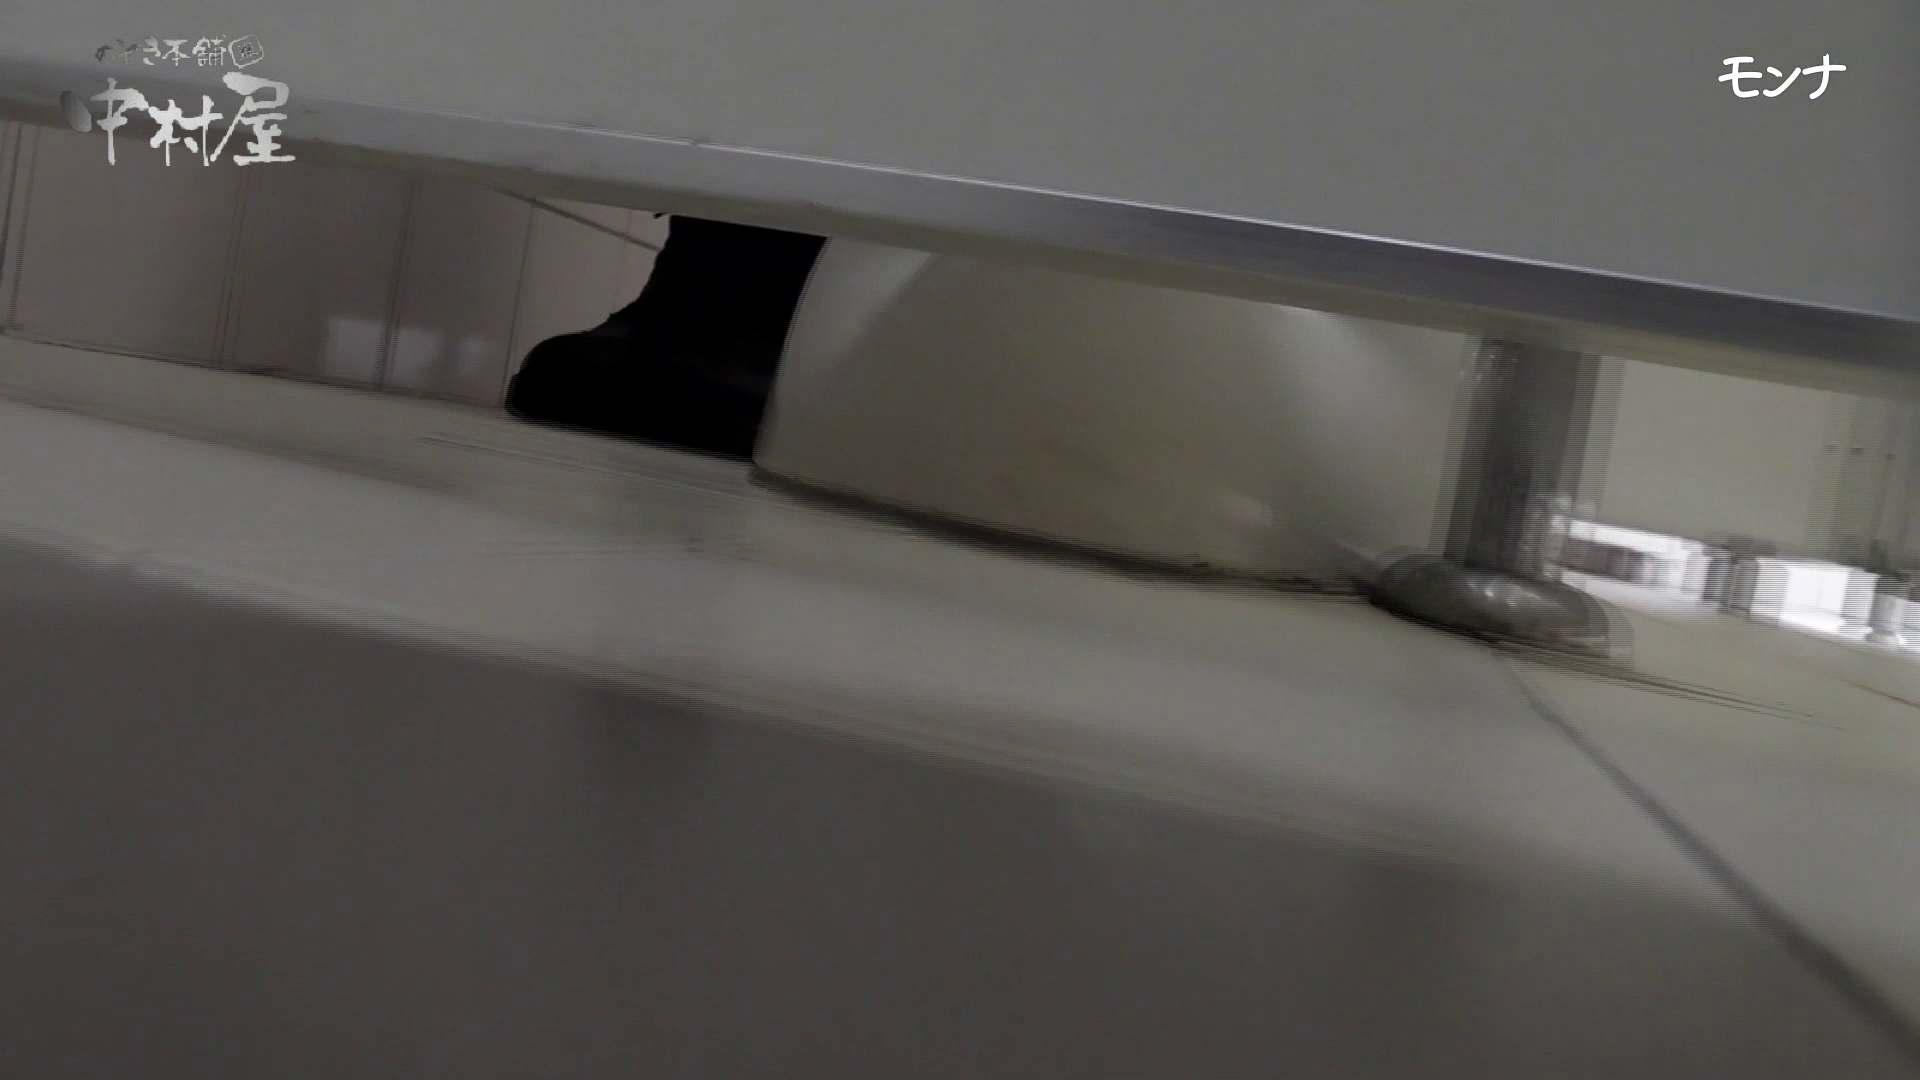 美しい日本の未来 No.46 この年齢しかない絶景が最後に!!特別価格で提供 前編 無修正マンコ オメコ無修正動画無料 34連発 14